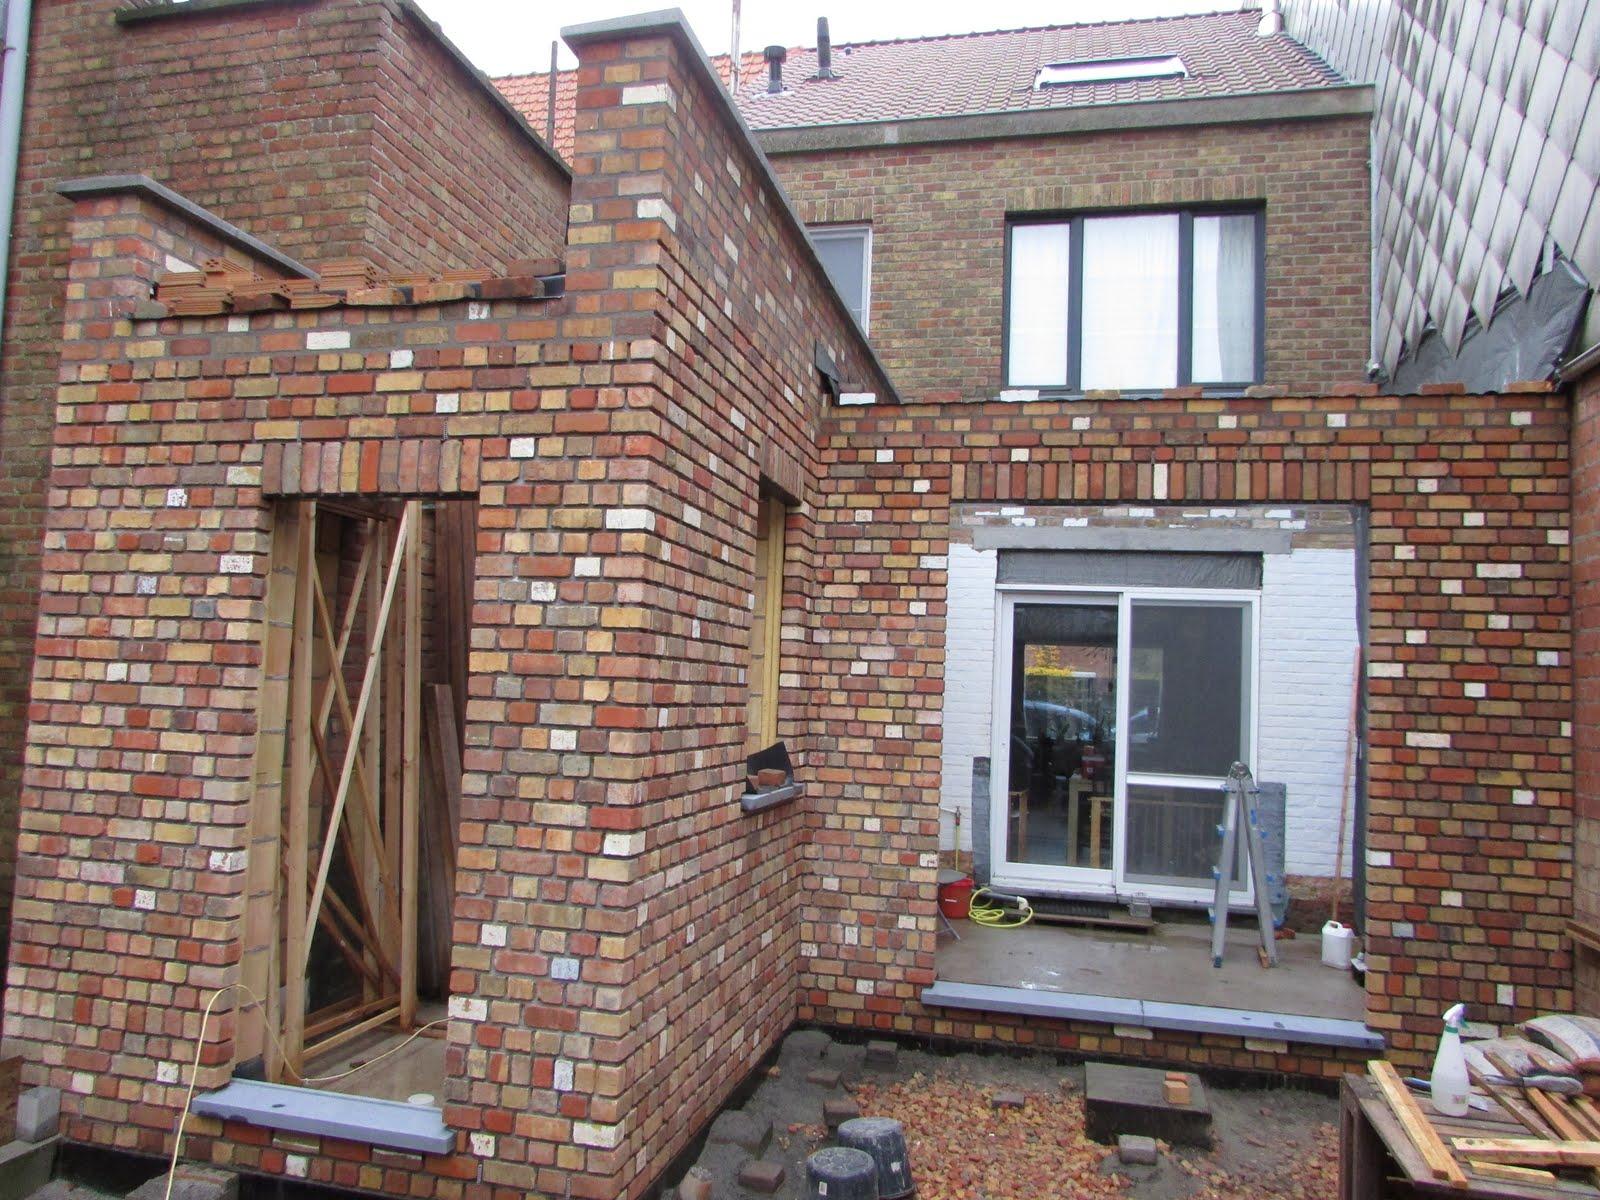 Verbouwing van ons ouderlijk huis ruwbouw uitbreiding 51 - Stenen huis uitbreiding ...